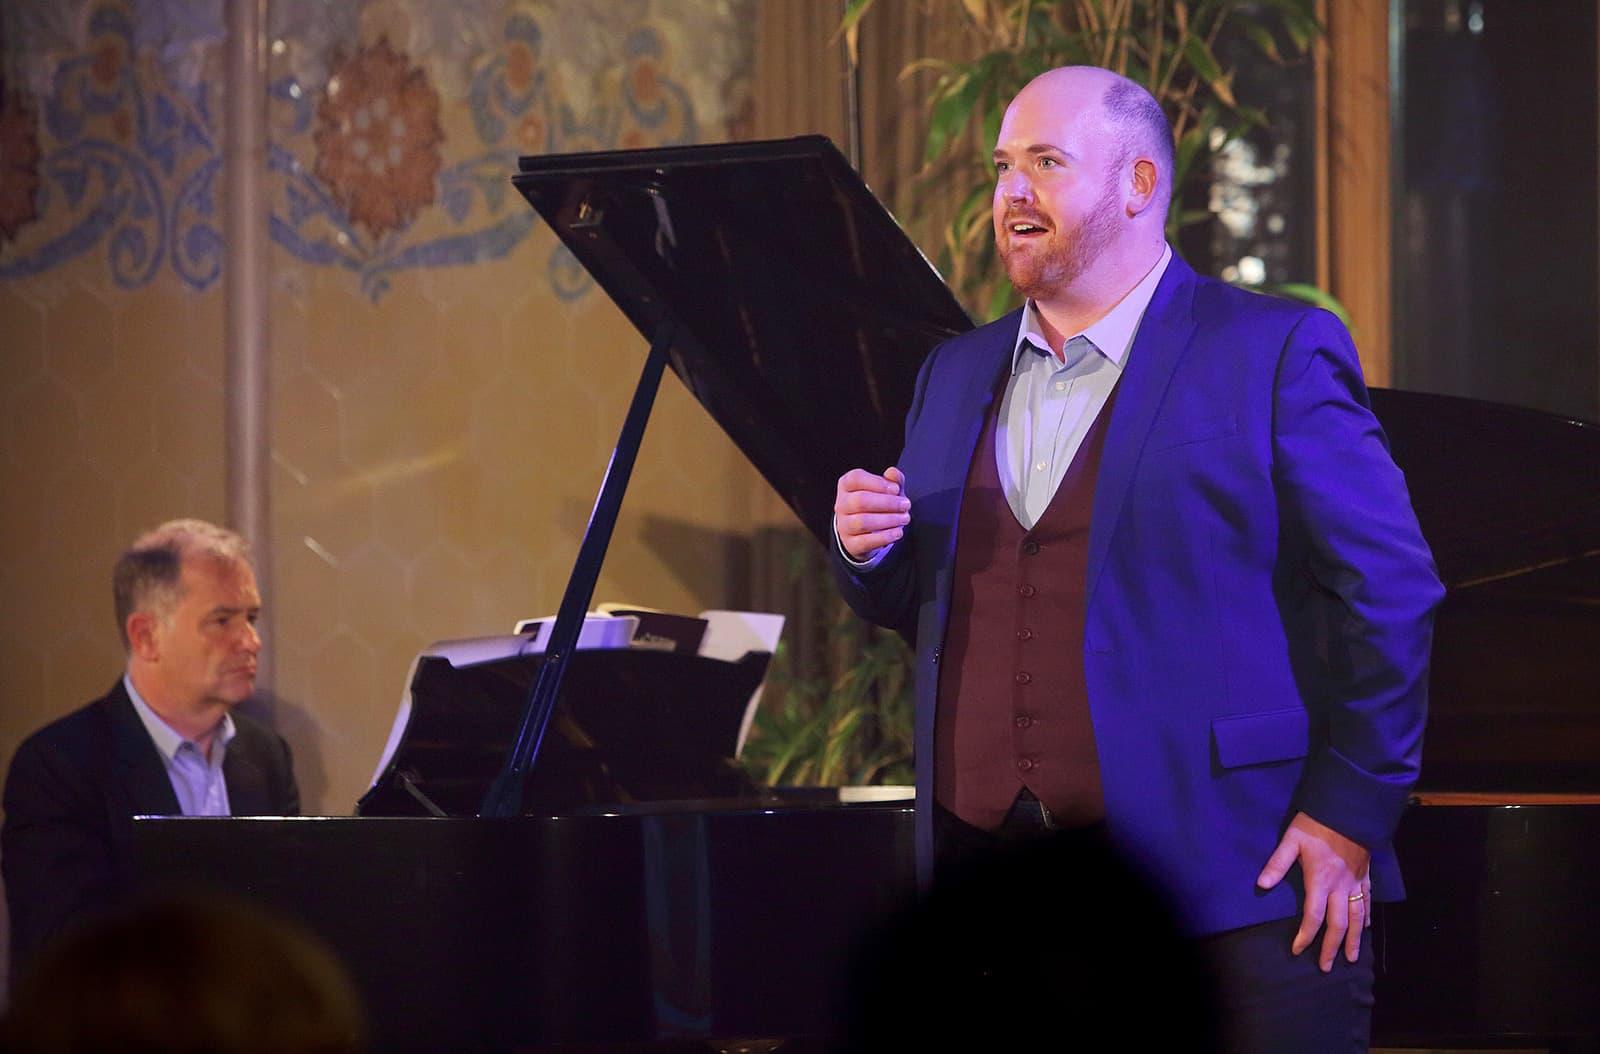 El tenor Nicky Spence i el pianista Julius Drake interpreten 'Diari d'un desaparegut' al Life Victoria.Fotografia d'Elisenda Canals.